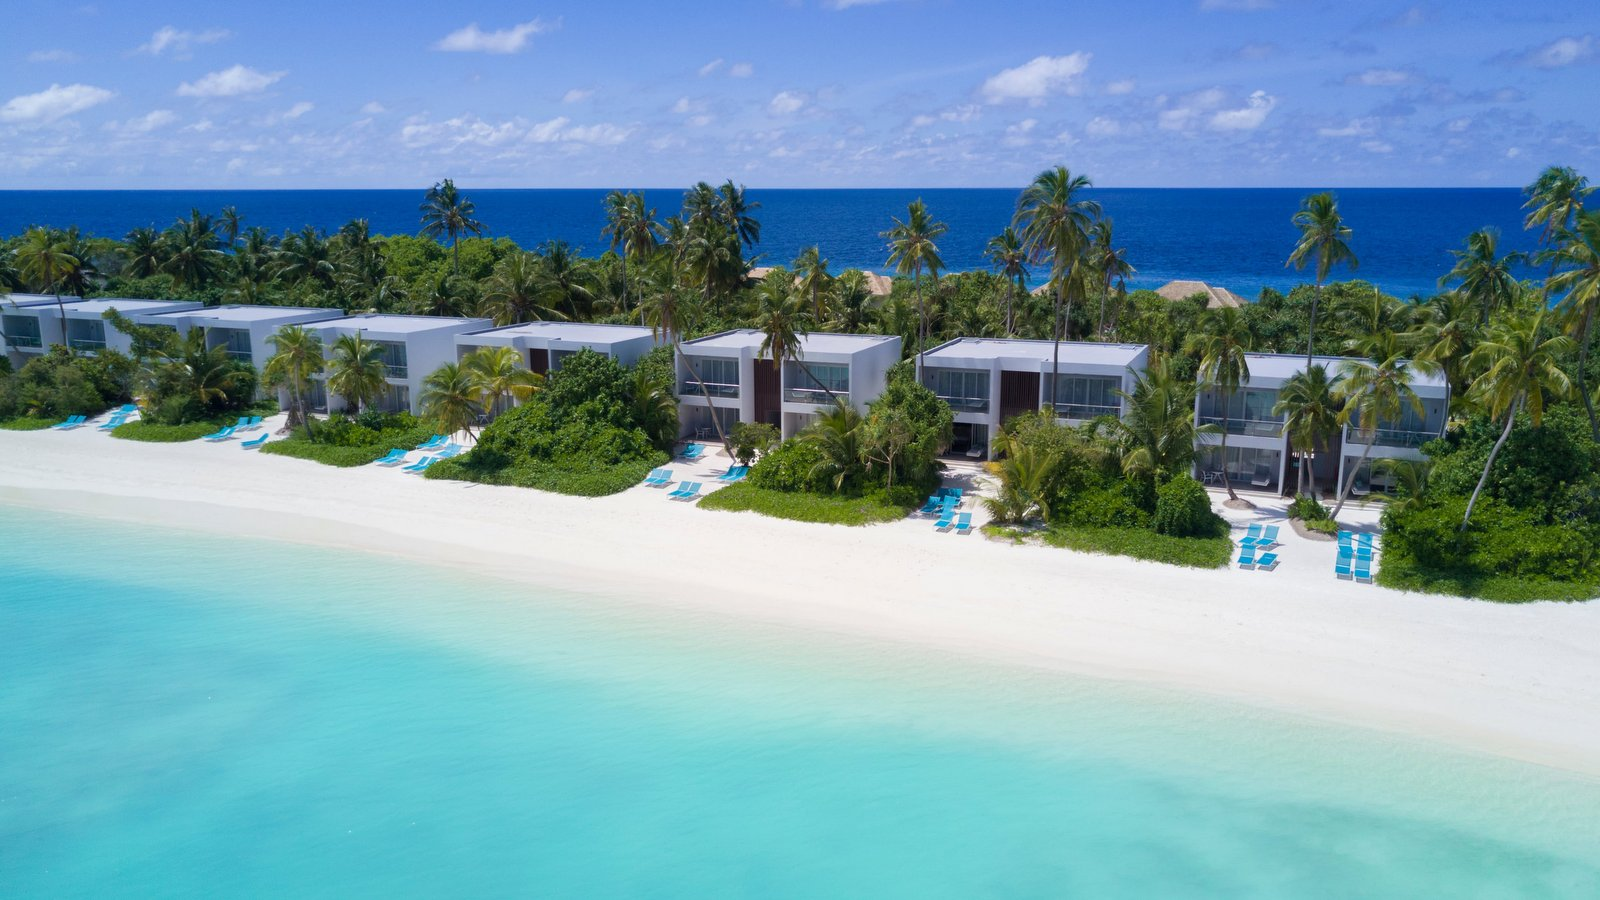 Мальдивы, отель Kandima Maldives, номер Sky Studio/Beach Studio